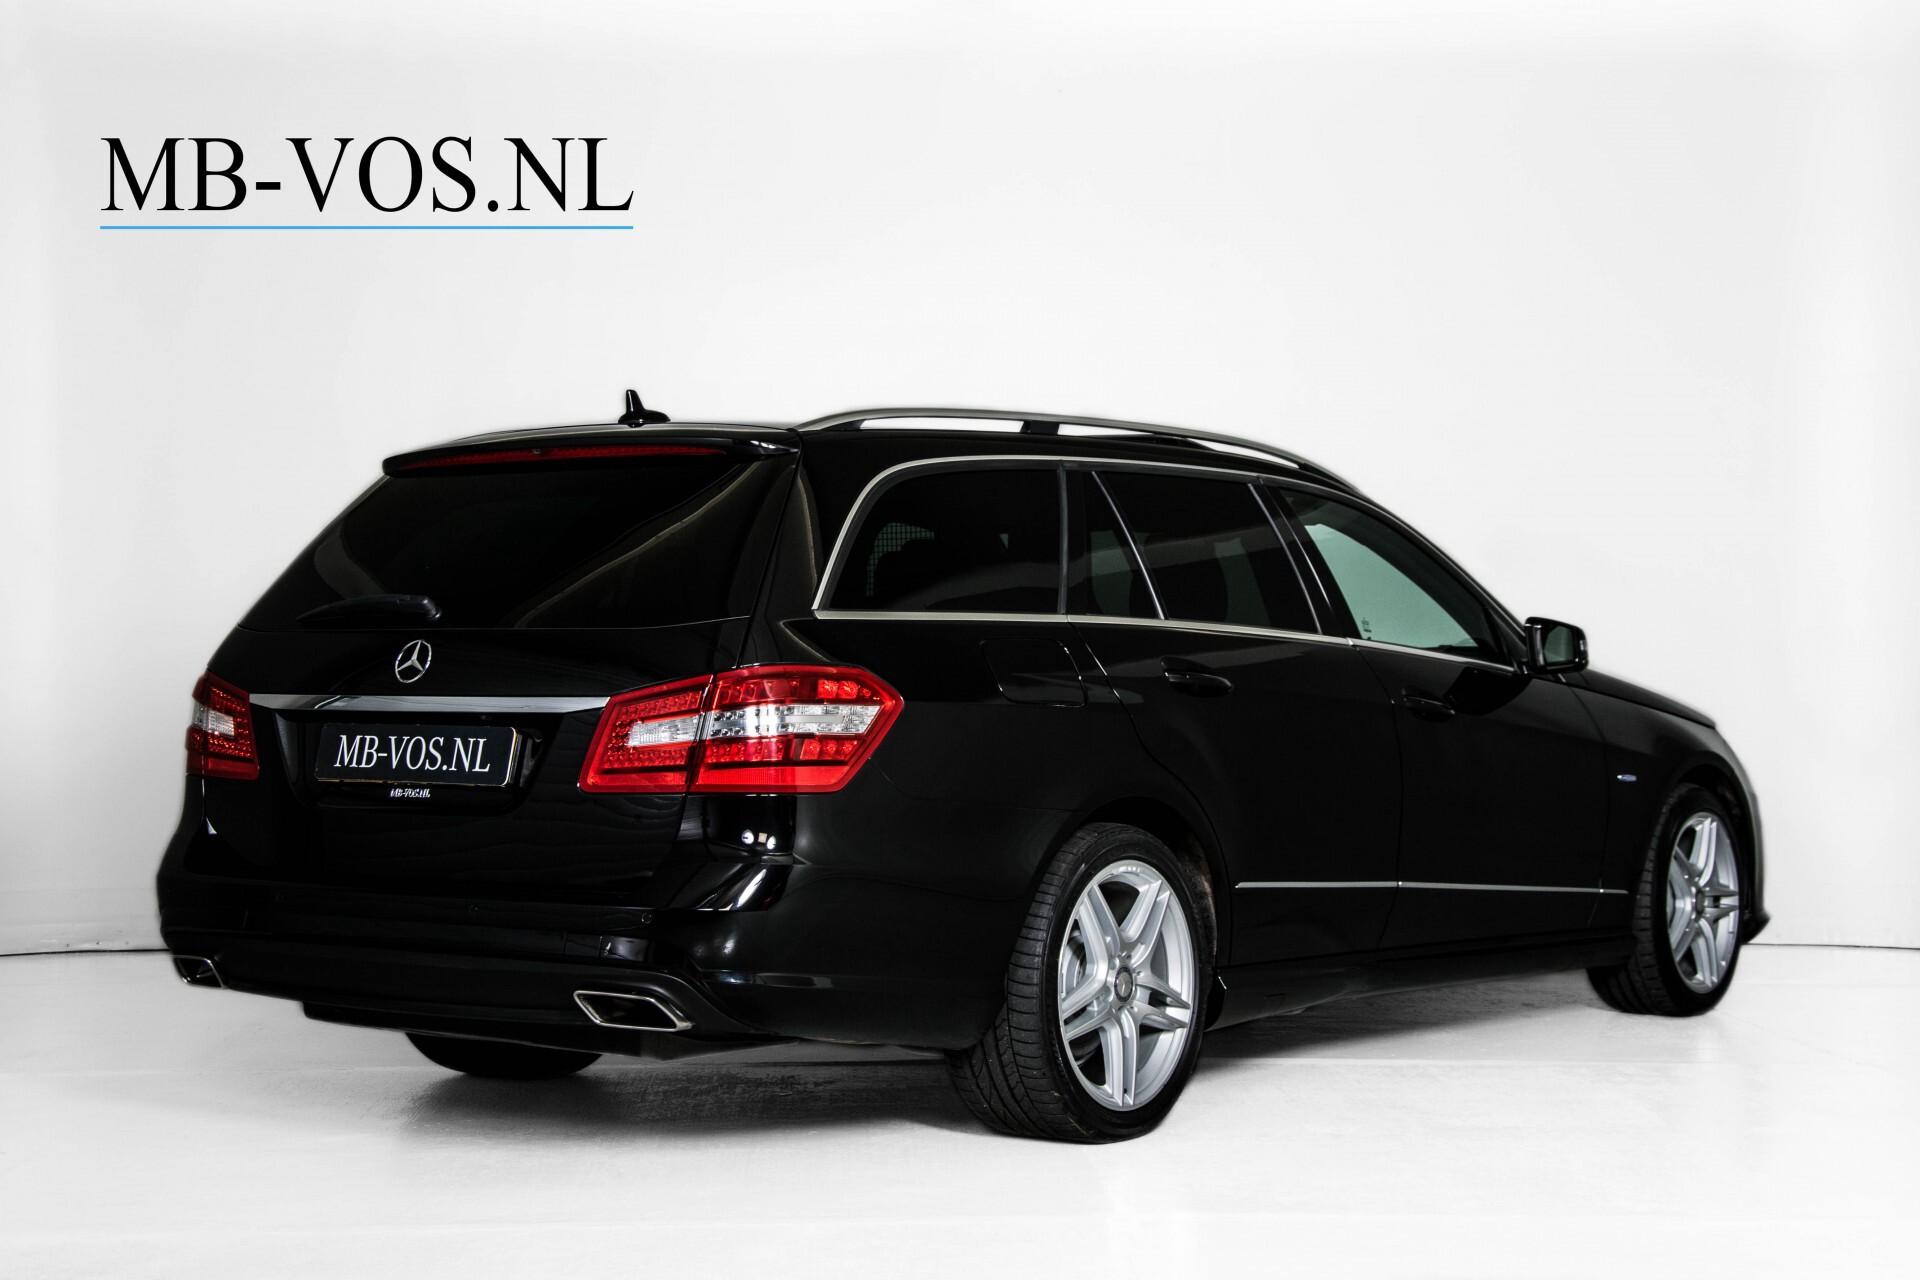 Mercedes-Benz E-Klasse Estate 350 Cdi AMG Luchtvering/Schuifdak/Comand/Harman Kardon/ILS Aut7 Foto 2